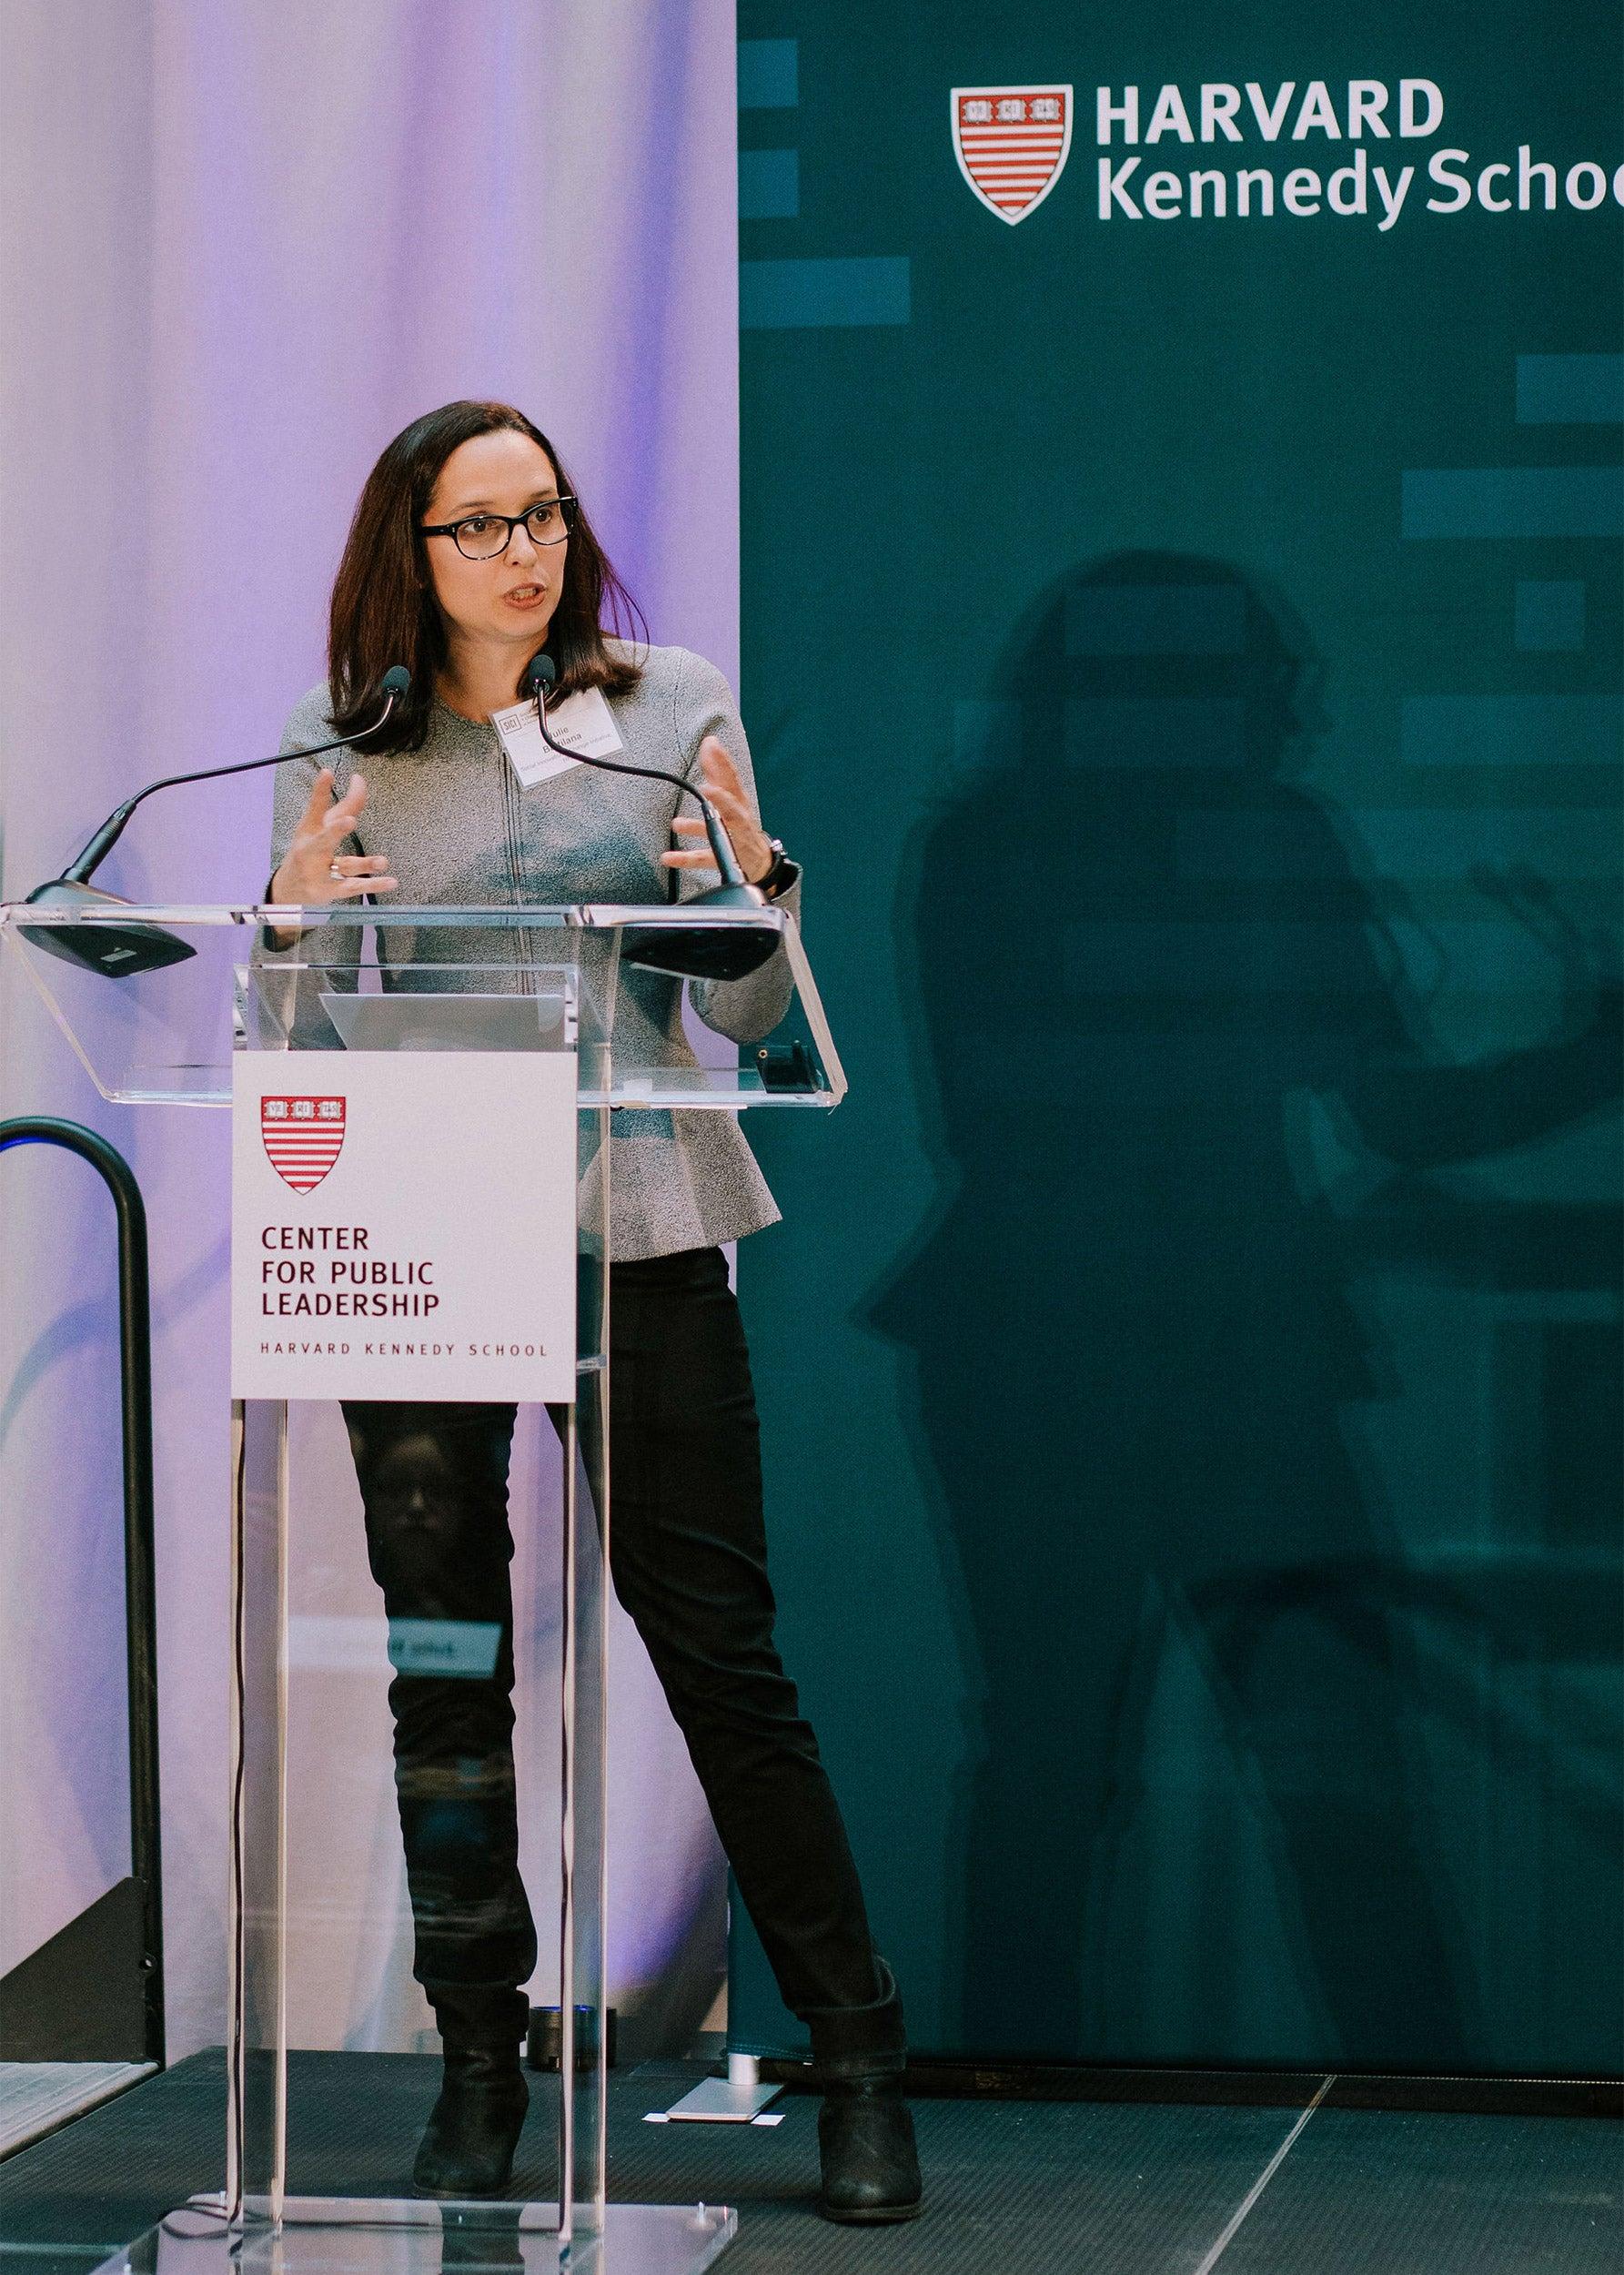 Professor Battilana standing at podium.